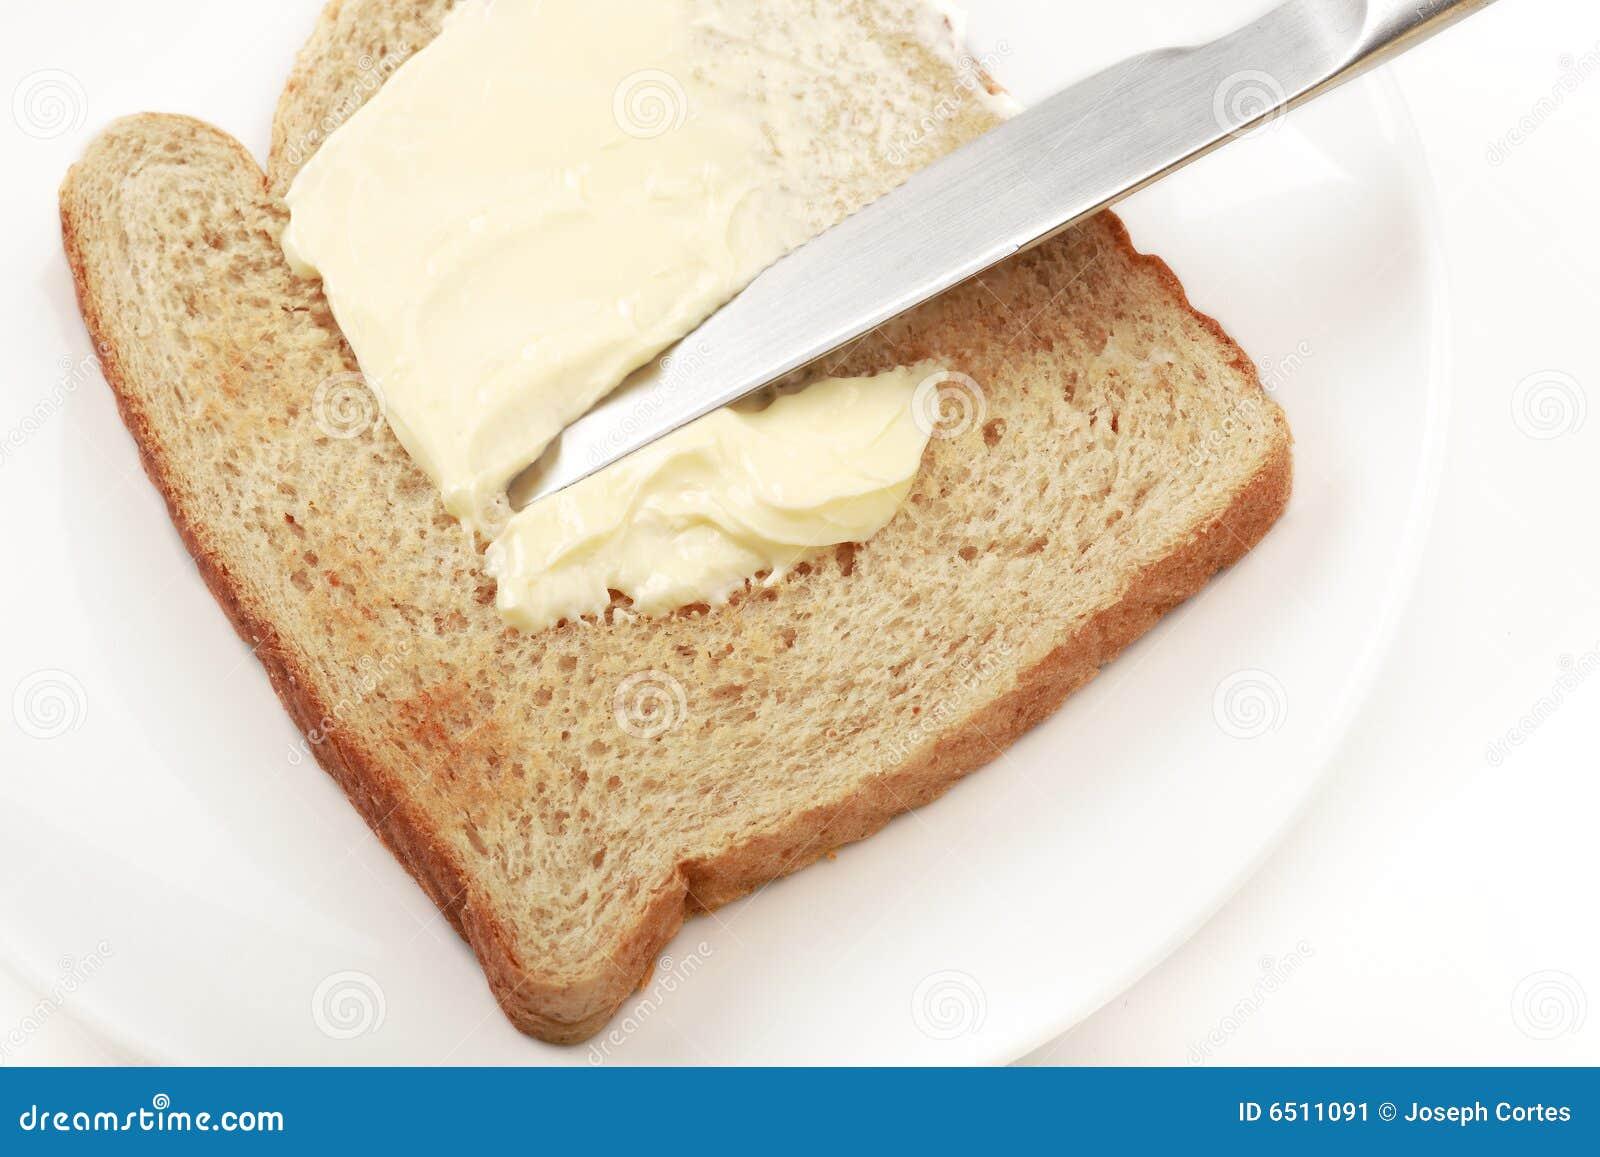 Extensi n untada con mantequilla imagen de archivo for Cuchillo de untar mantequilla